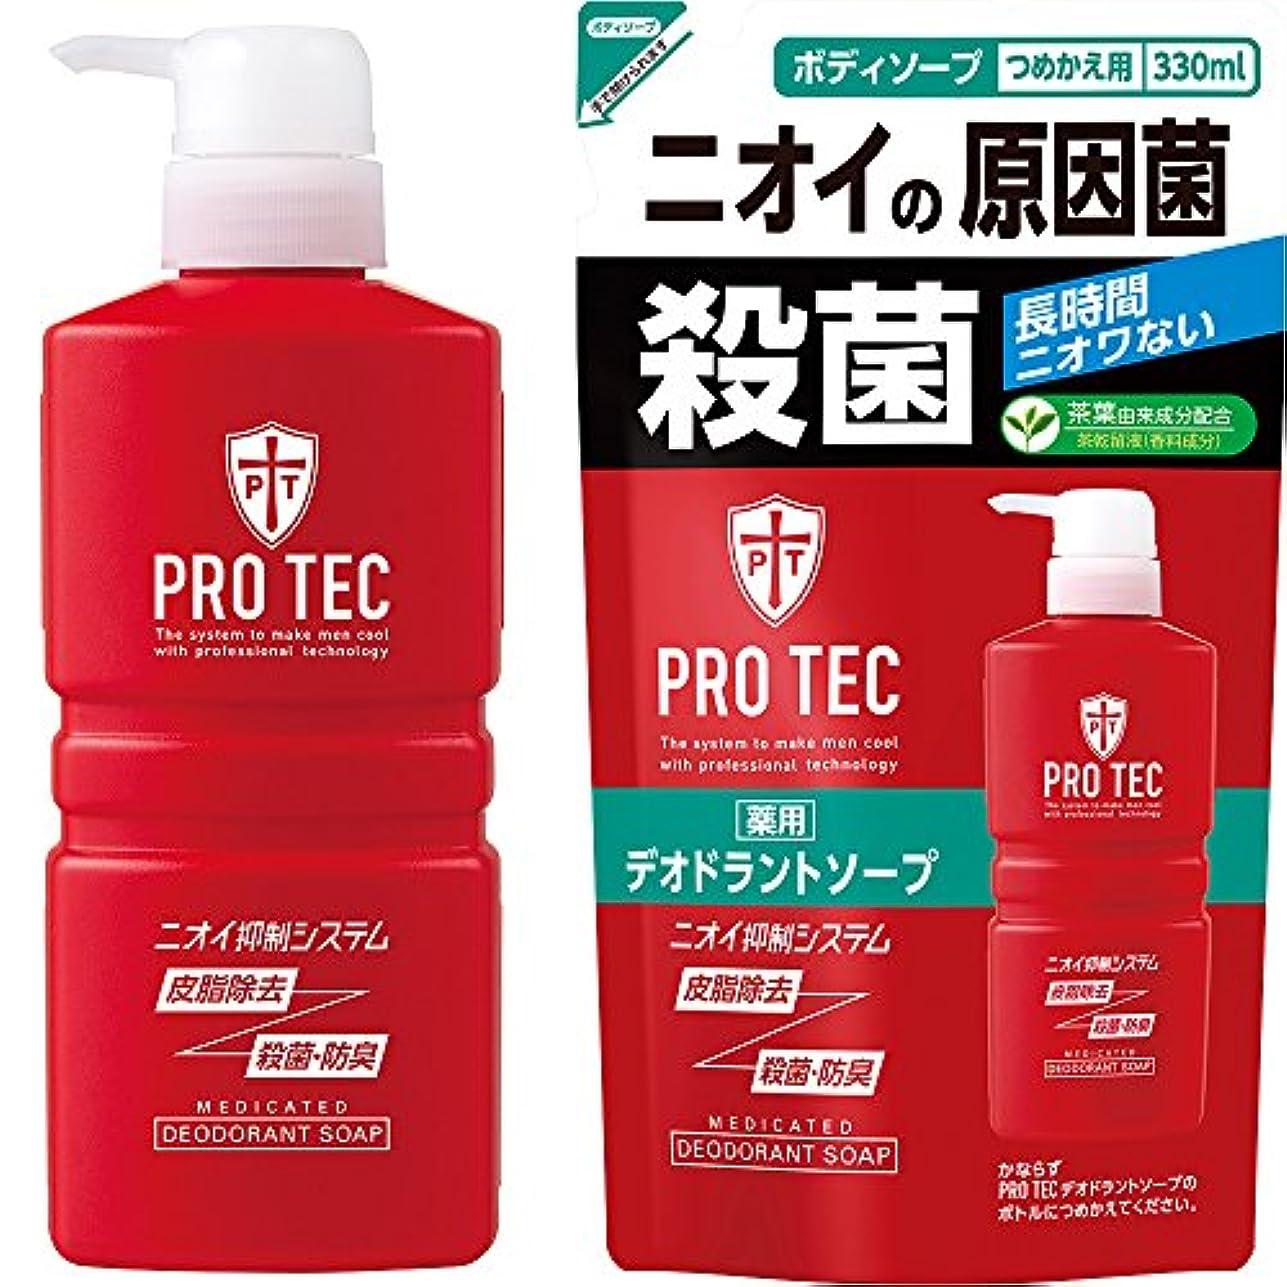 おびえたペンス告白するPRO TEC(プロテク) デオドラントソープ ポンプ420ml+詰め替え330ml セット(医薬部外品)